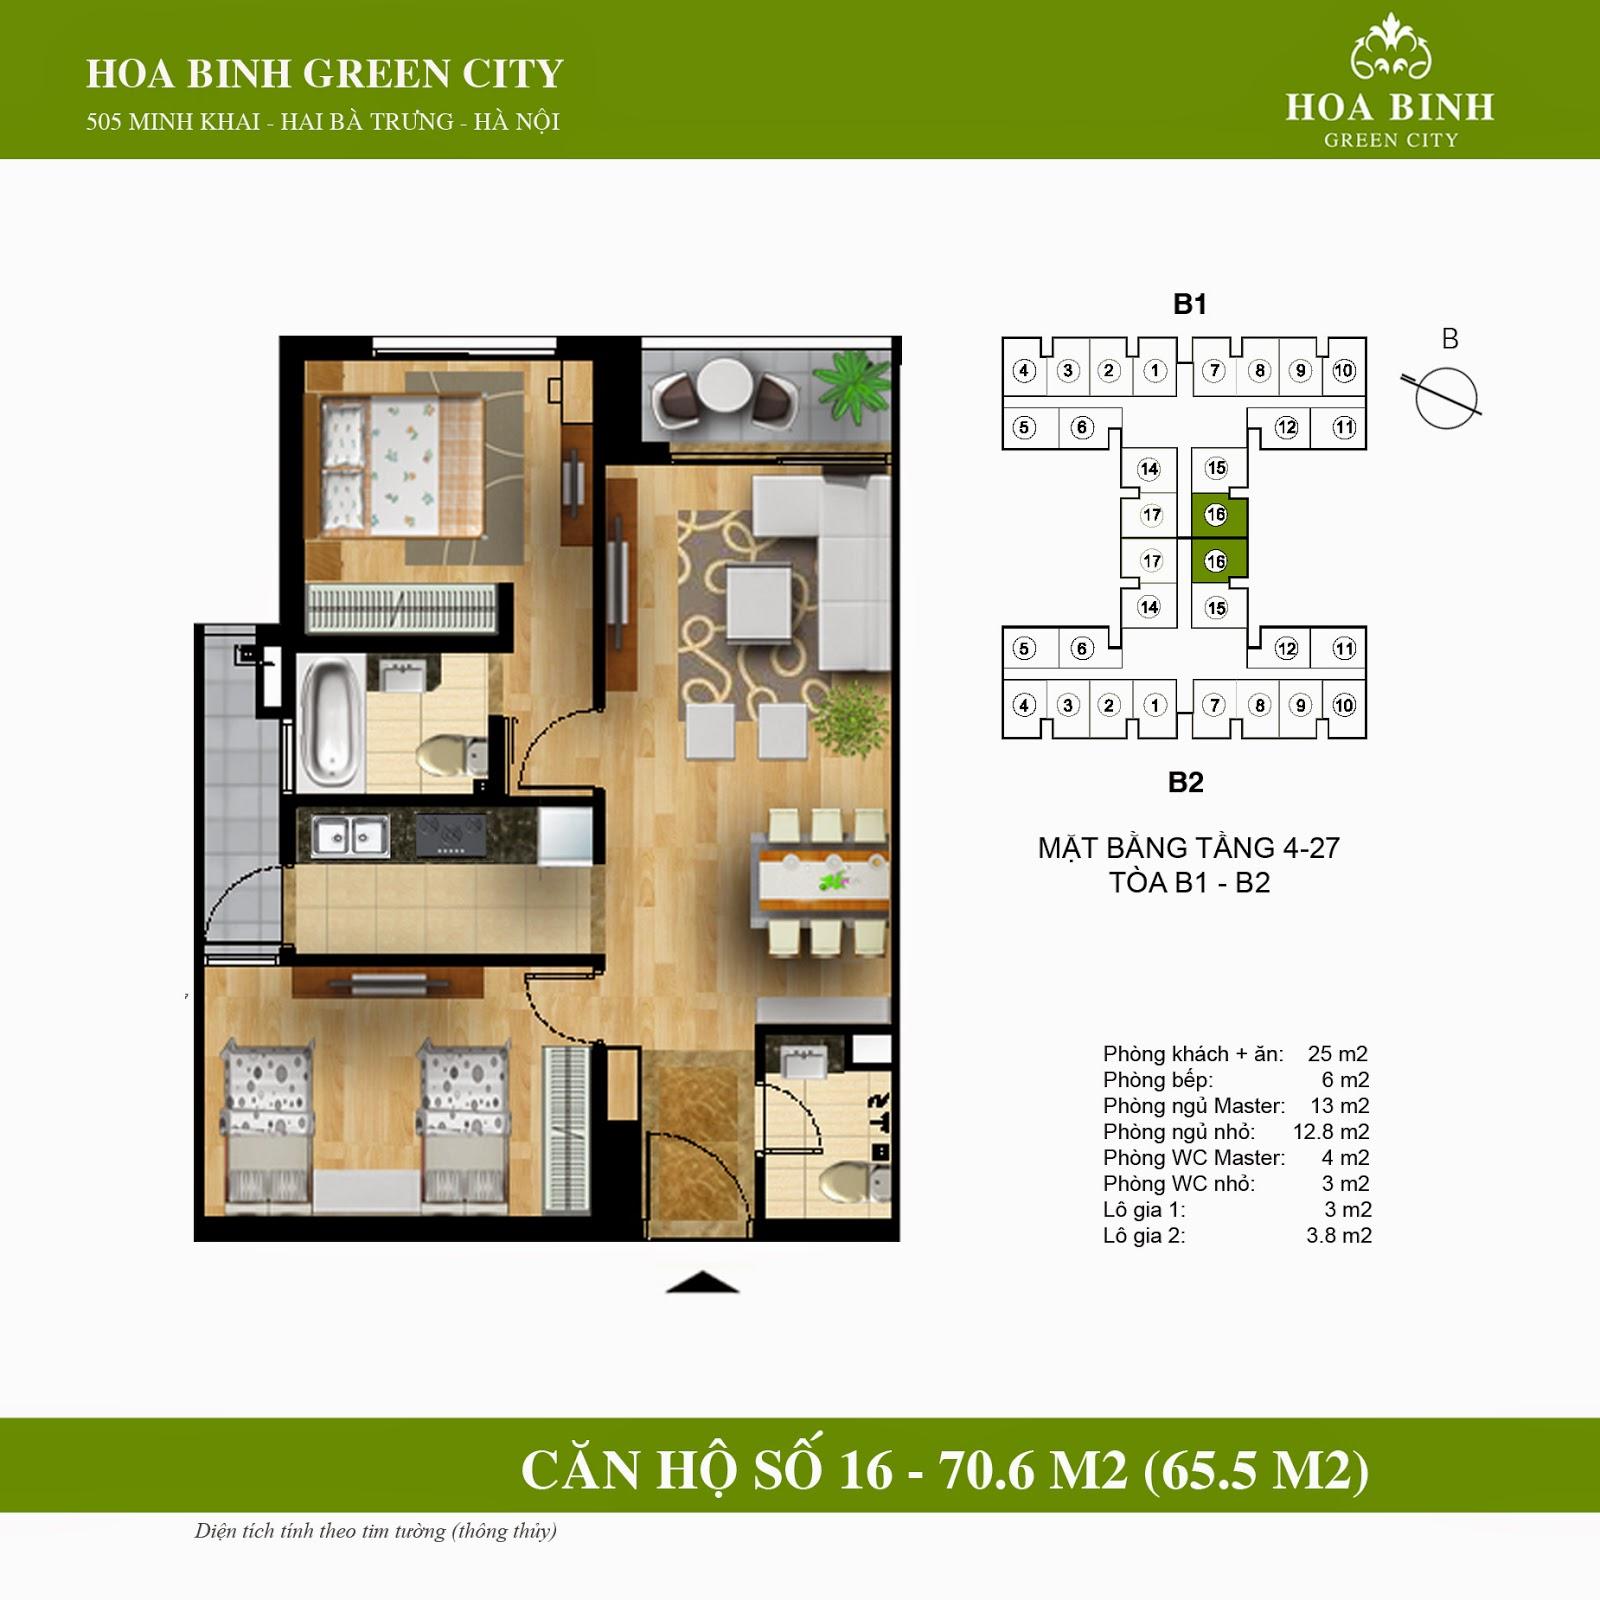 Hòa Bình Green City B 70,6m2